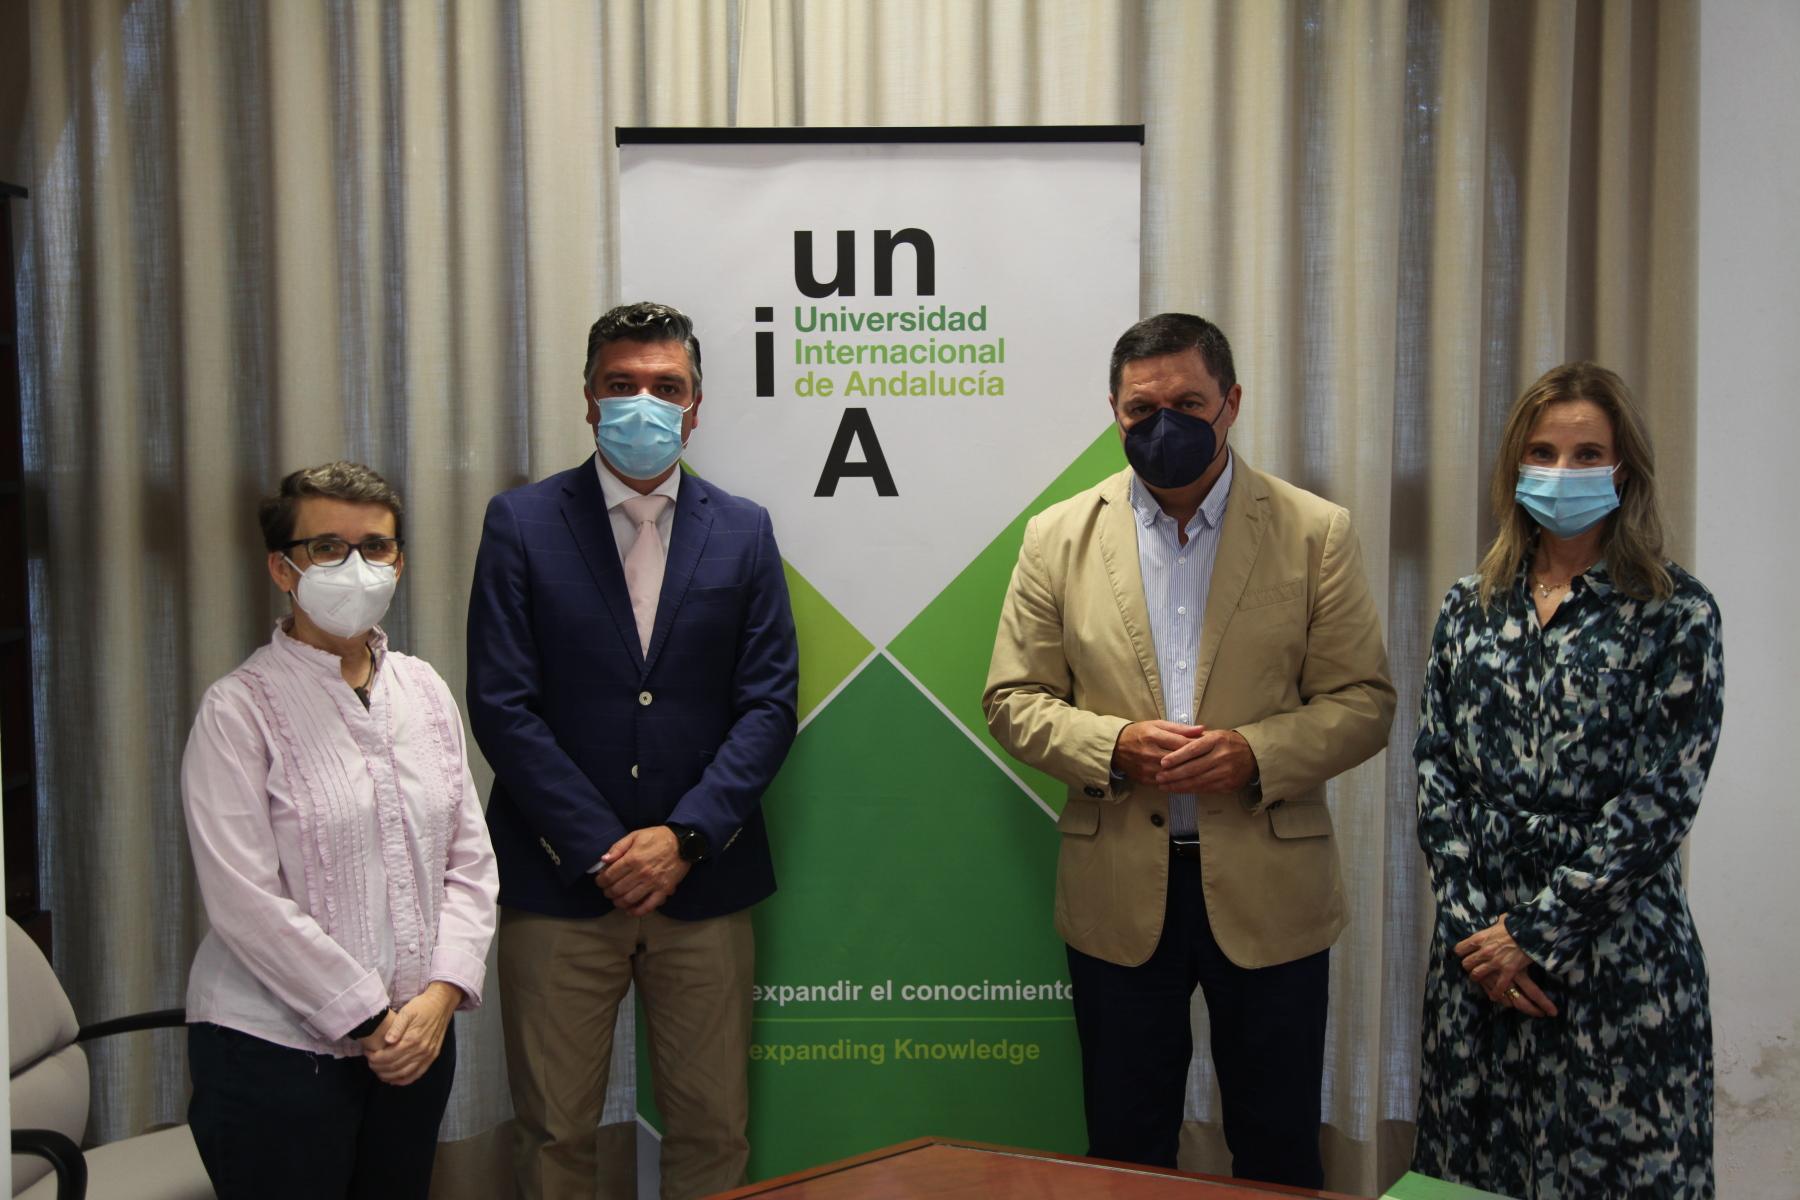 La UNIA y el Colegio de Farmacéuticos Huelva estrechan lazos de colaboración con el objetivo de realizar actividades académicas, científicas y culturales de forma conjunta